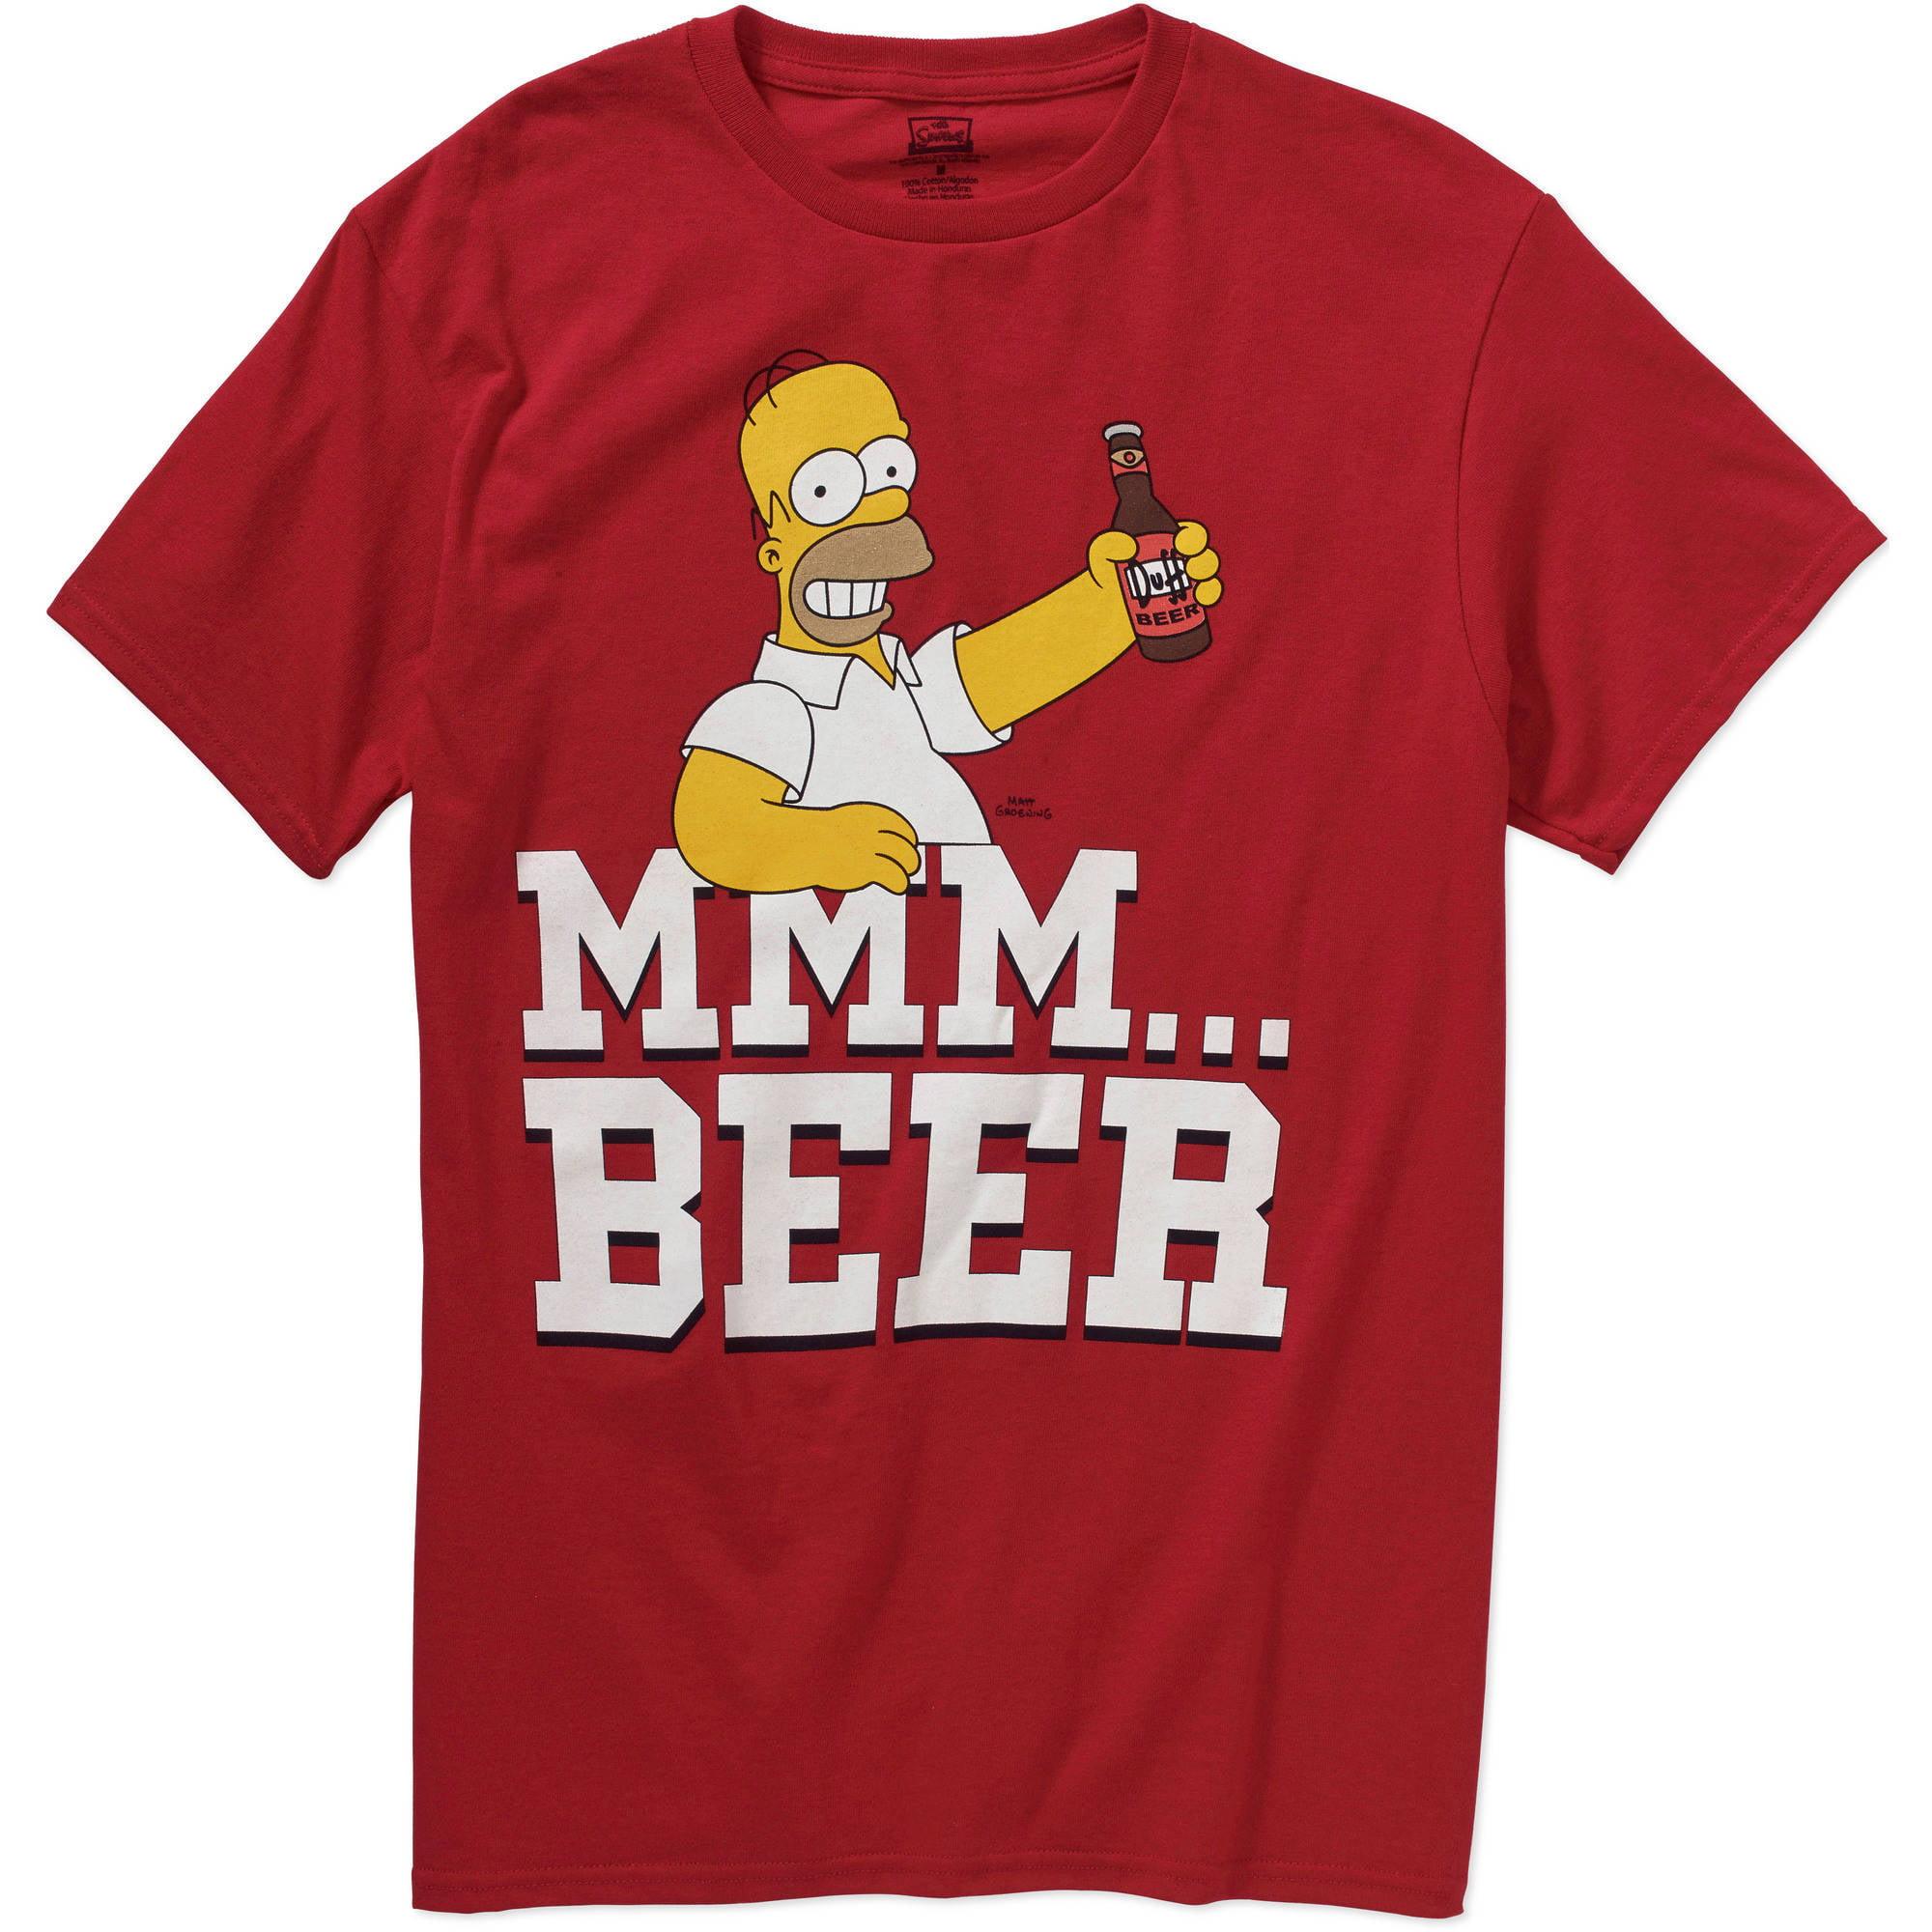 Simpsons Homer Mmm Beer  Big Men's Graphic Tee